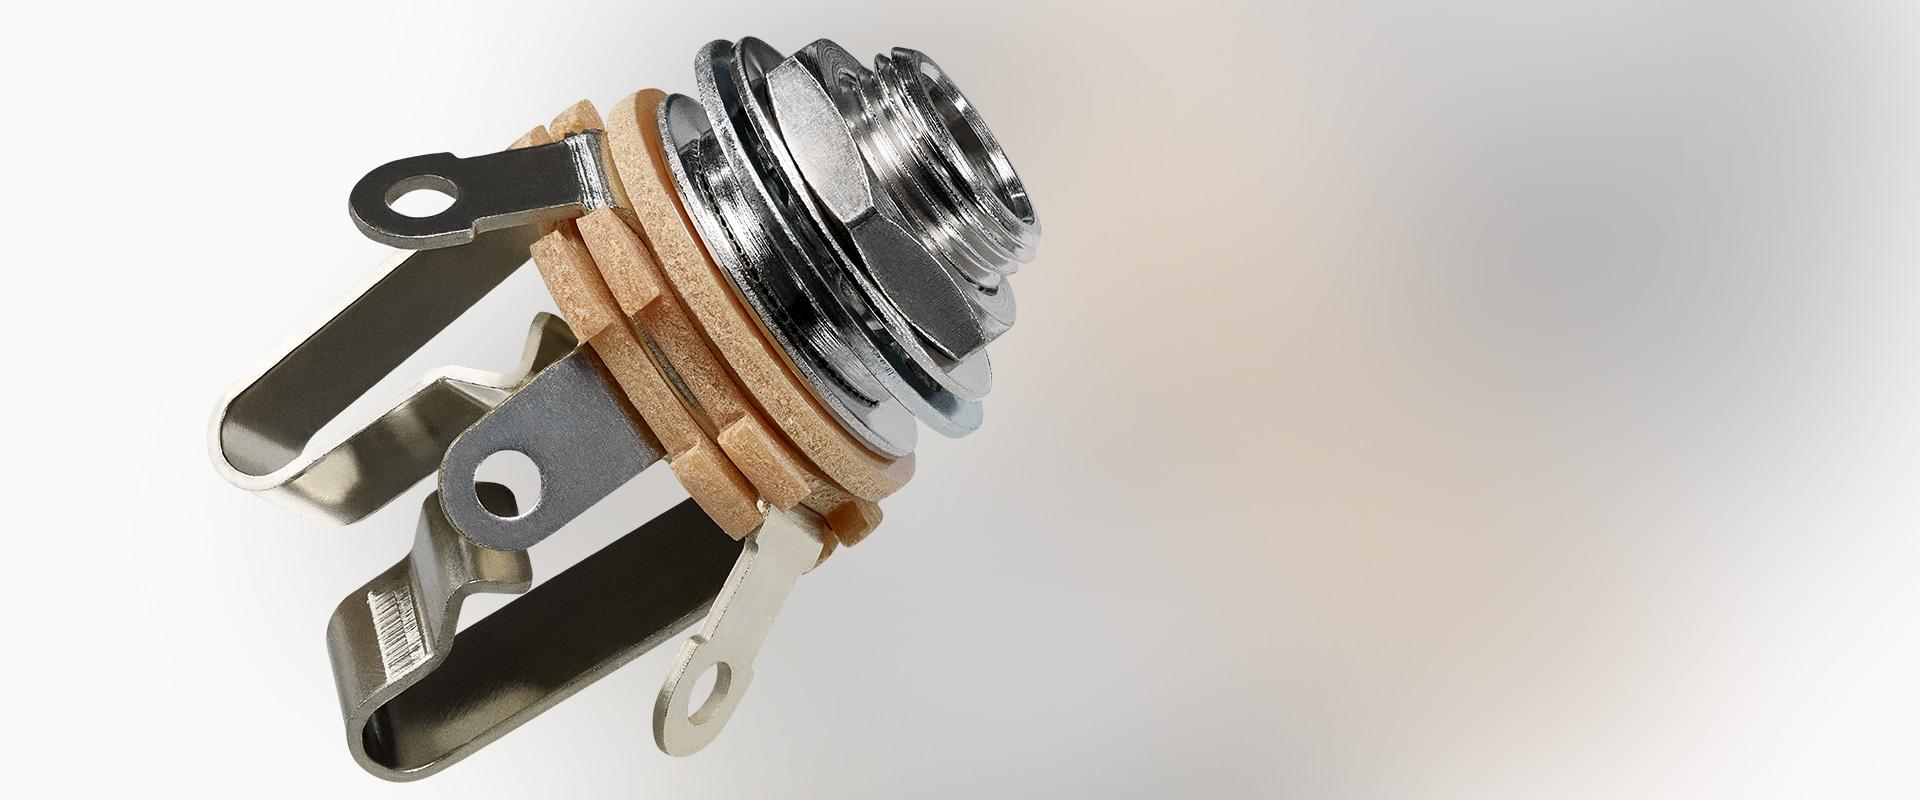 DiMarzio Hardware - Output Jacks & Plates